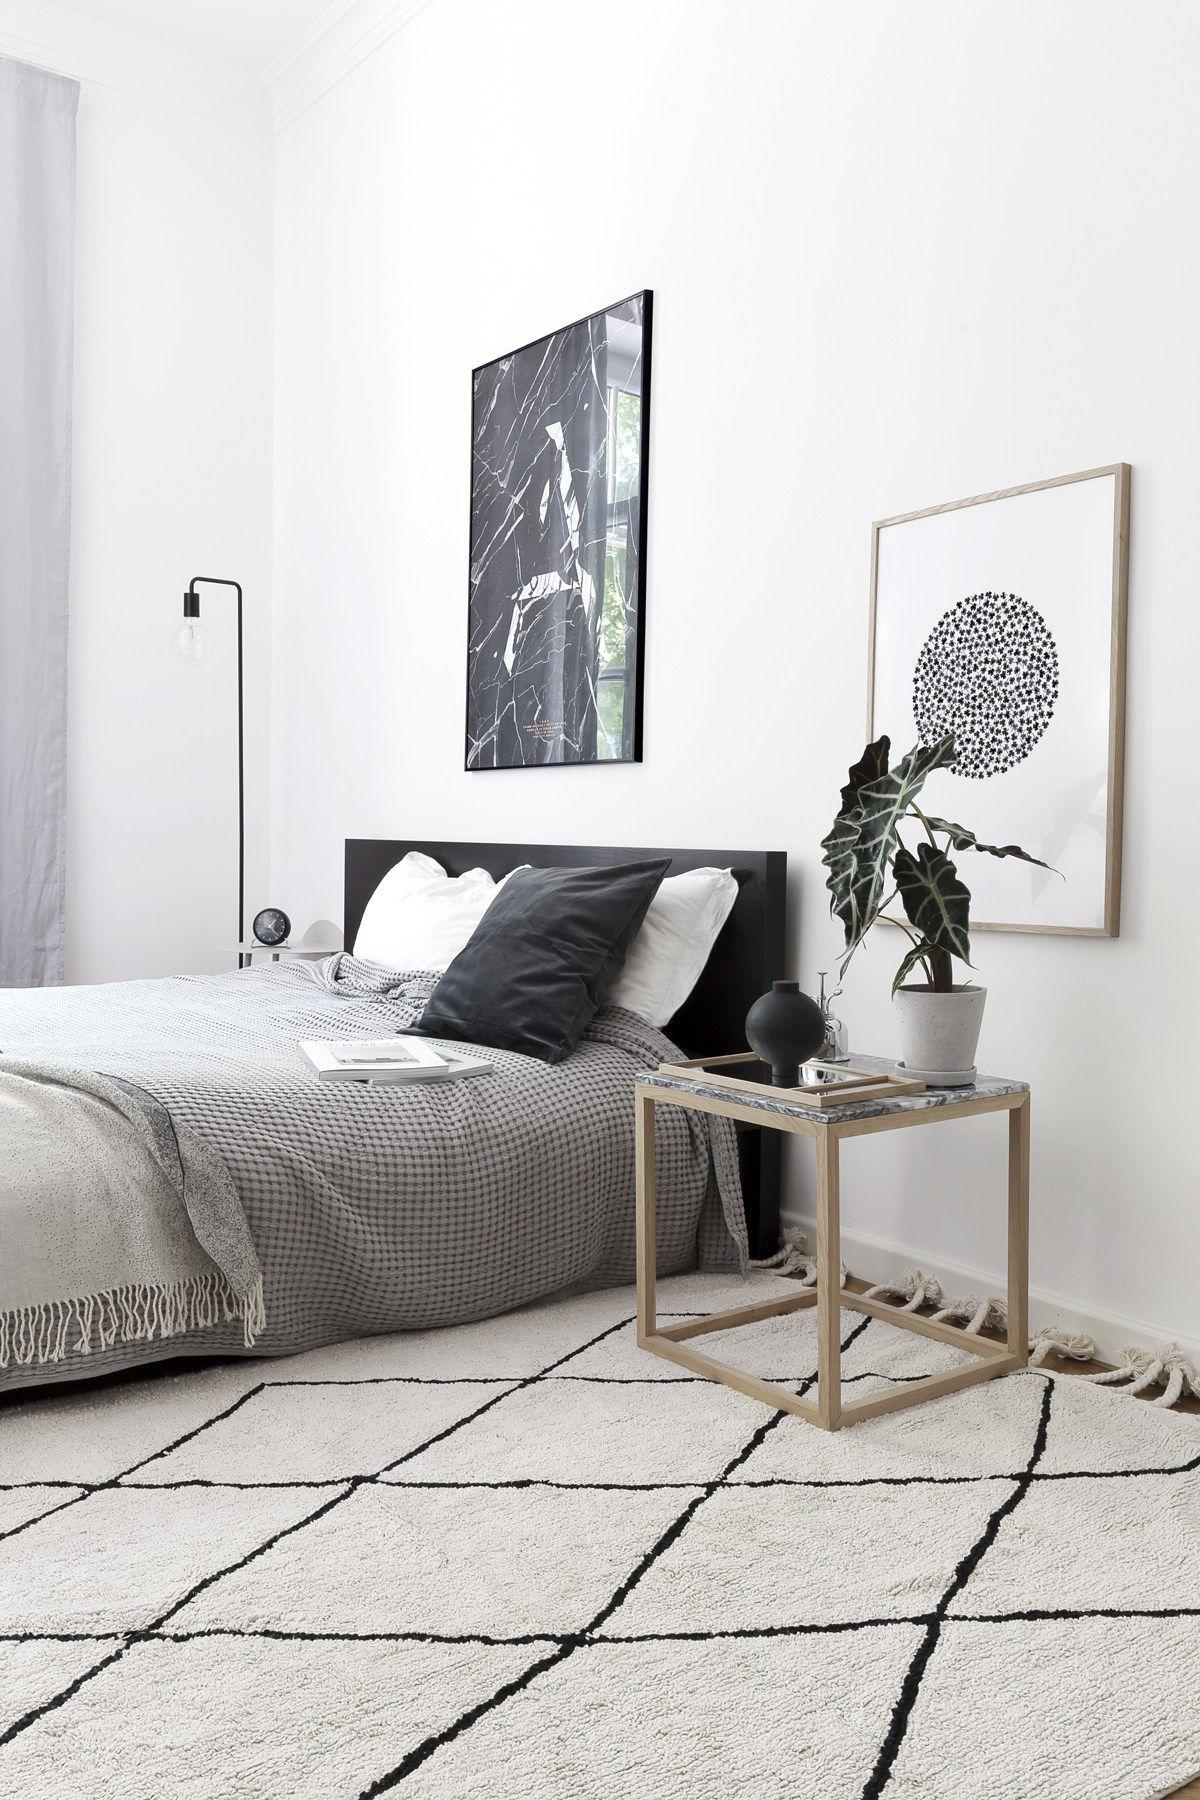 kristina dam schlafzimmer schlafzimmer einrichtung und skandinavisch wohnen. Black Bedroom Furniture Sets. Home Design Ideas